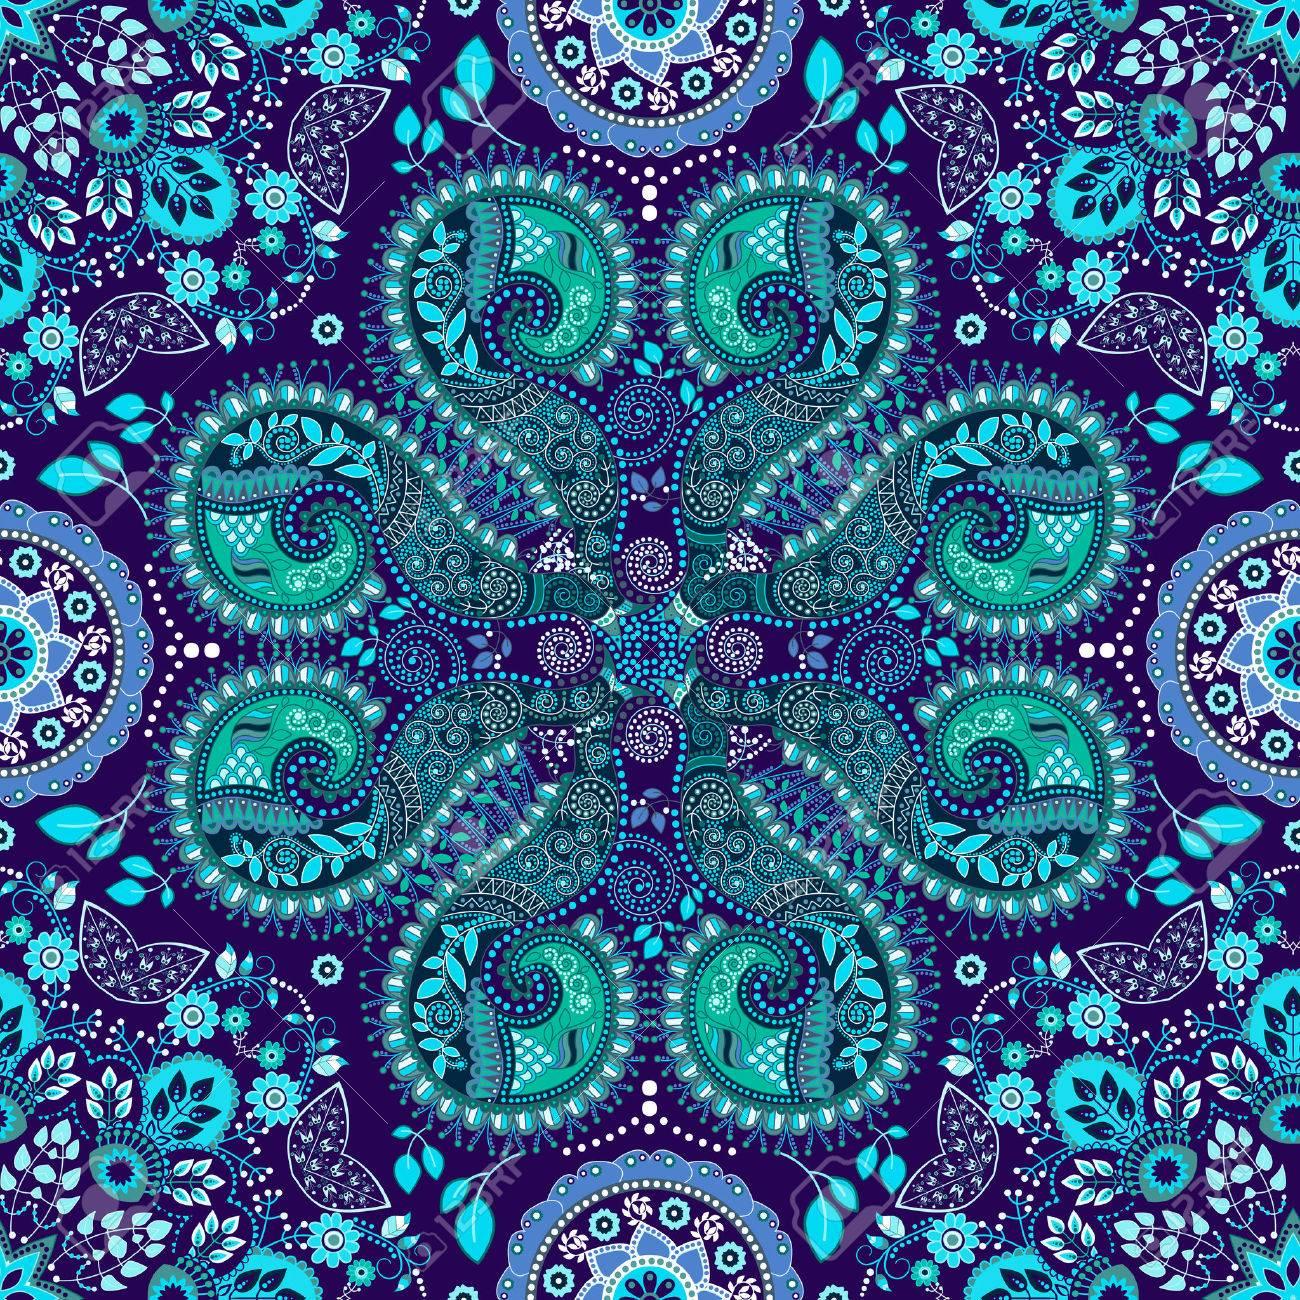 青いインド シームレス パターン ファンタジー装飾的な壁紙のイラスト